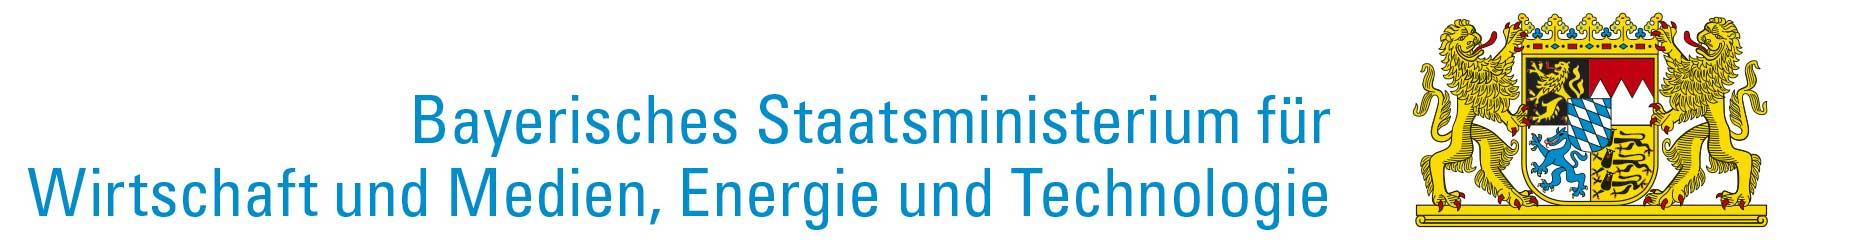 Imageclip zur Pressekonferenz für den Wachstumsfonds Bayern im Auftrag des Bayerischen Staatsminsteriums für Wirtschaft und Medien, Energie und Technologie